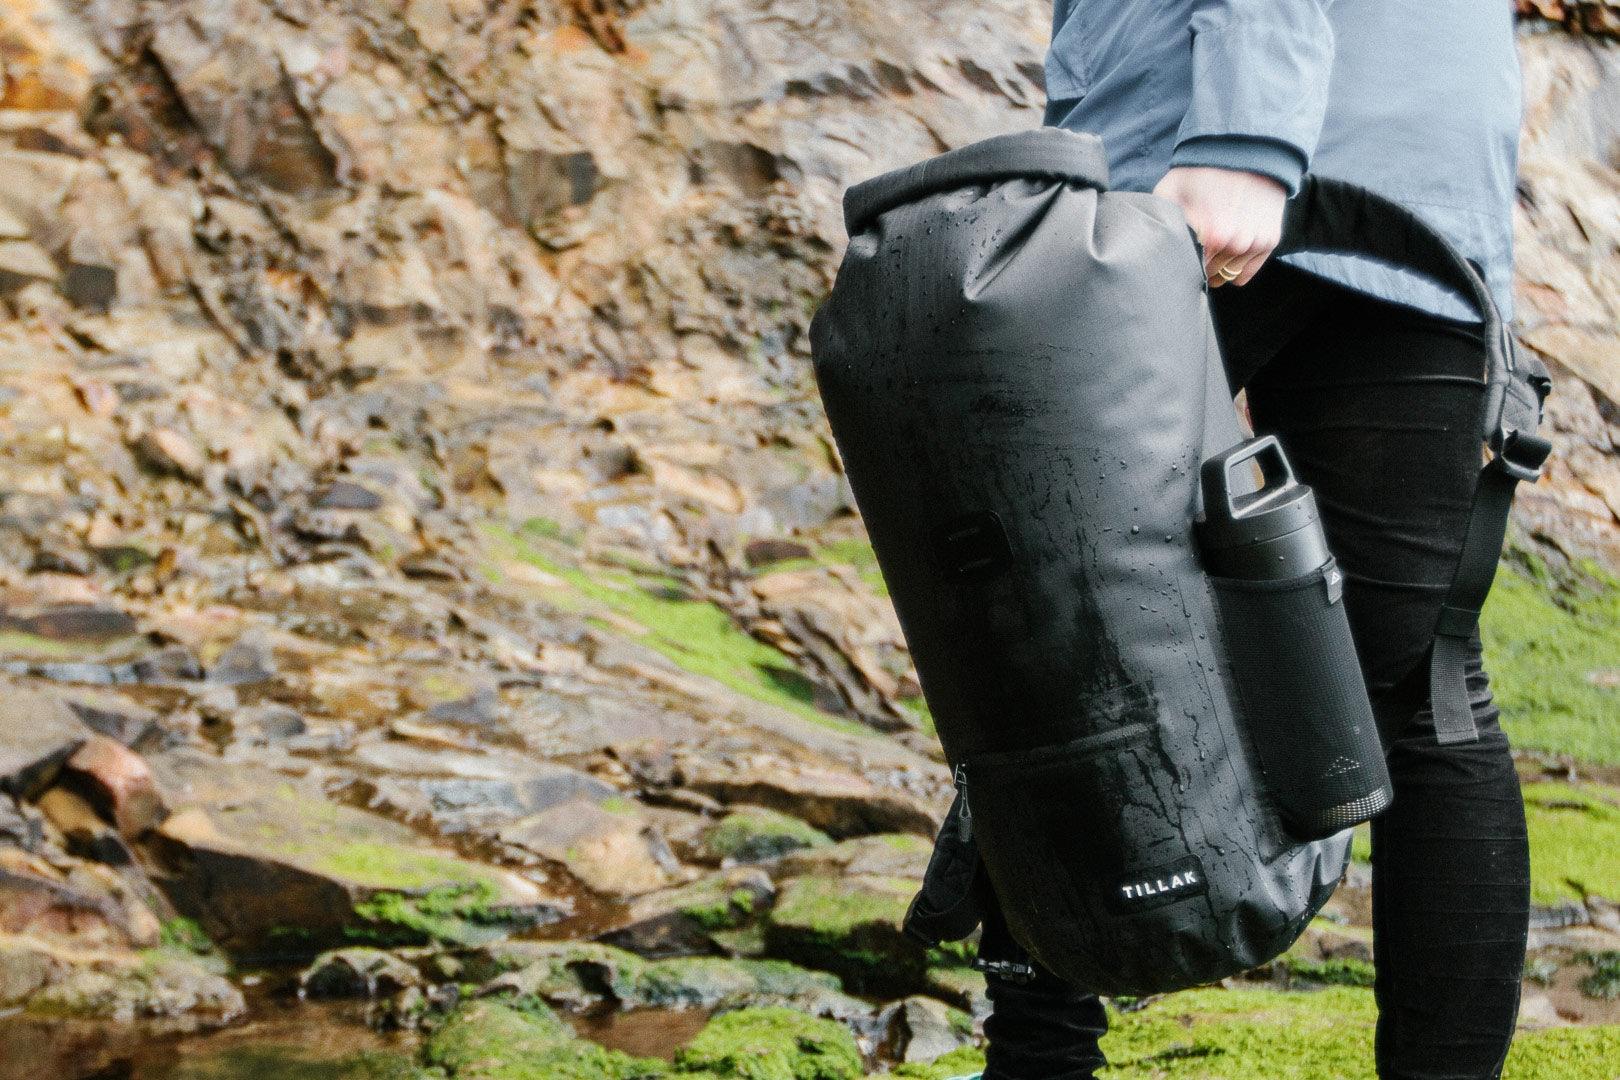 Tillak Kiwanda Dry Bag